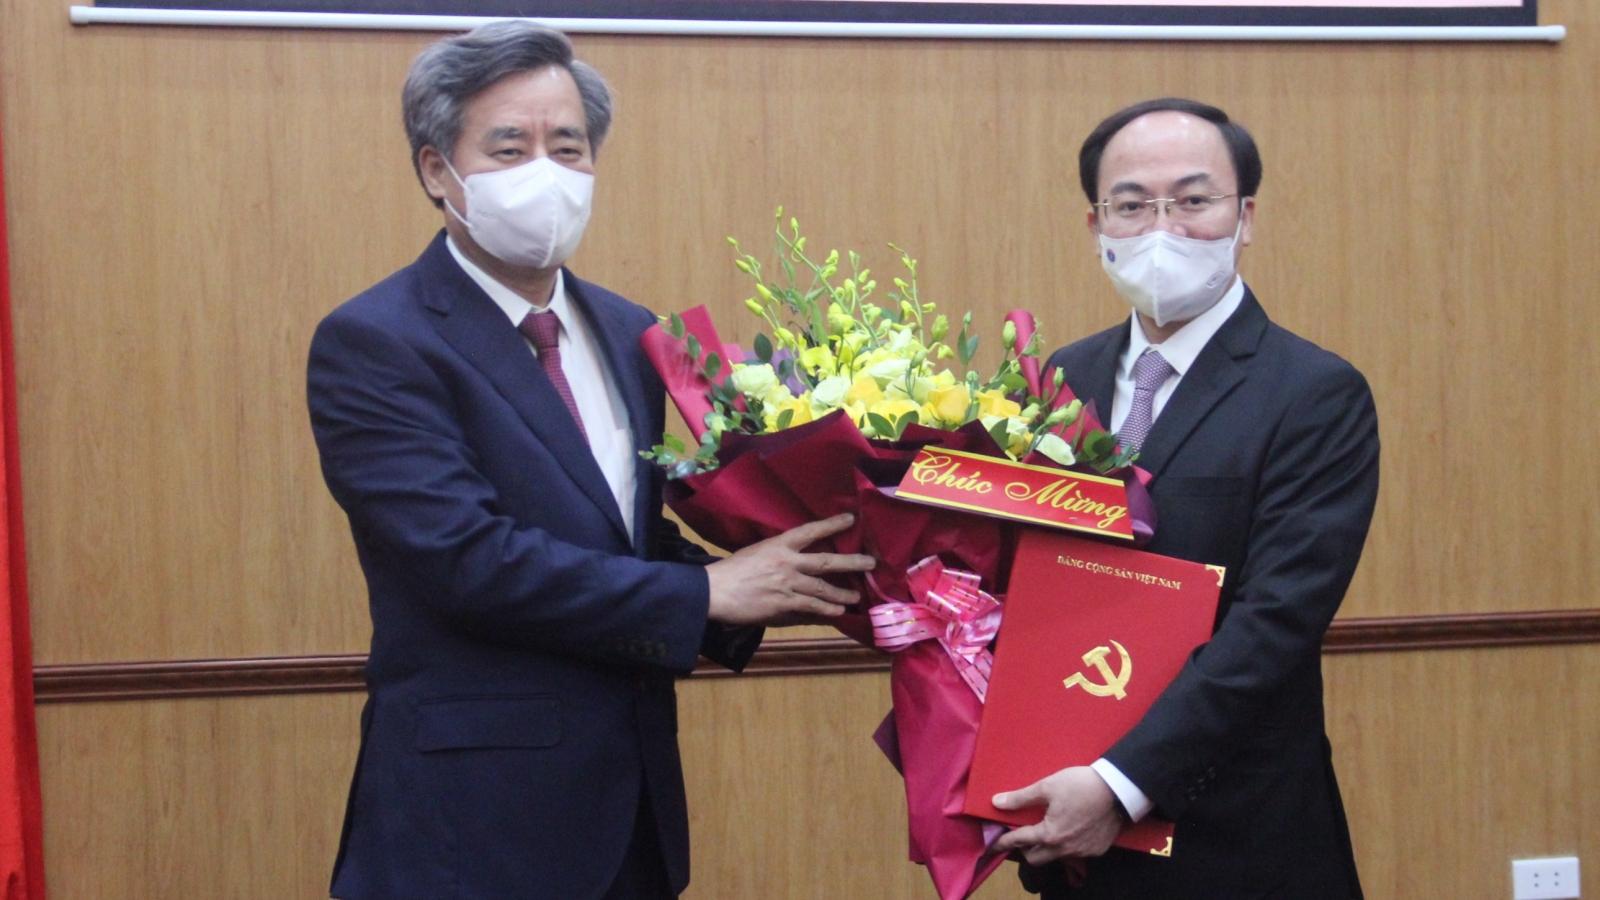 Phó Chánh Văn phòng T.Ư Đảng giữ chức Phó Bí thư Tỉnh ủy Bắc Kạn